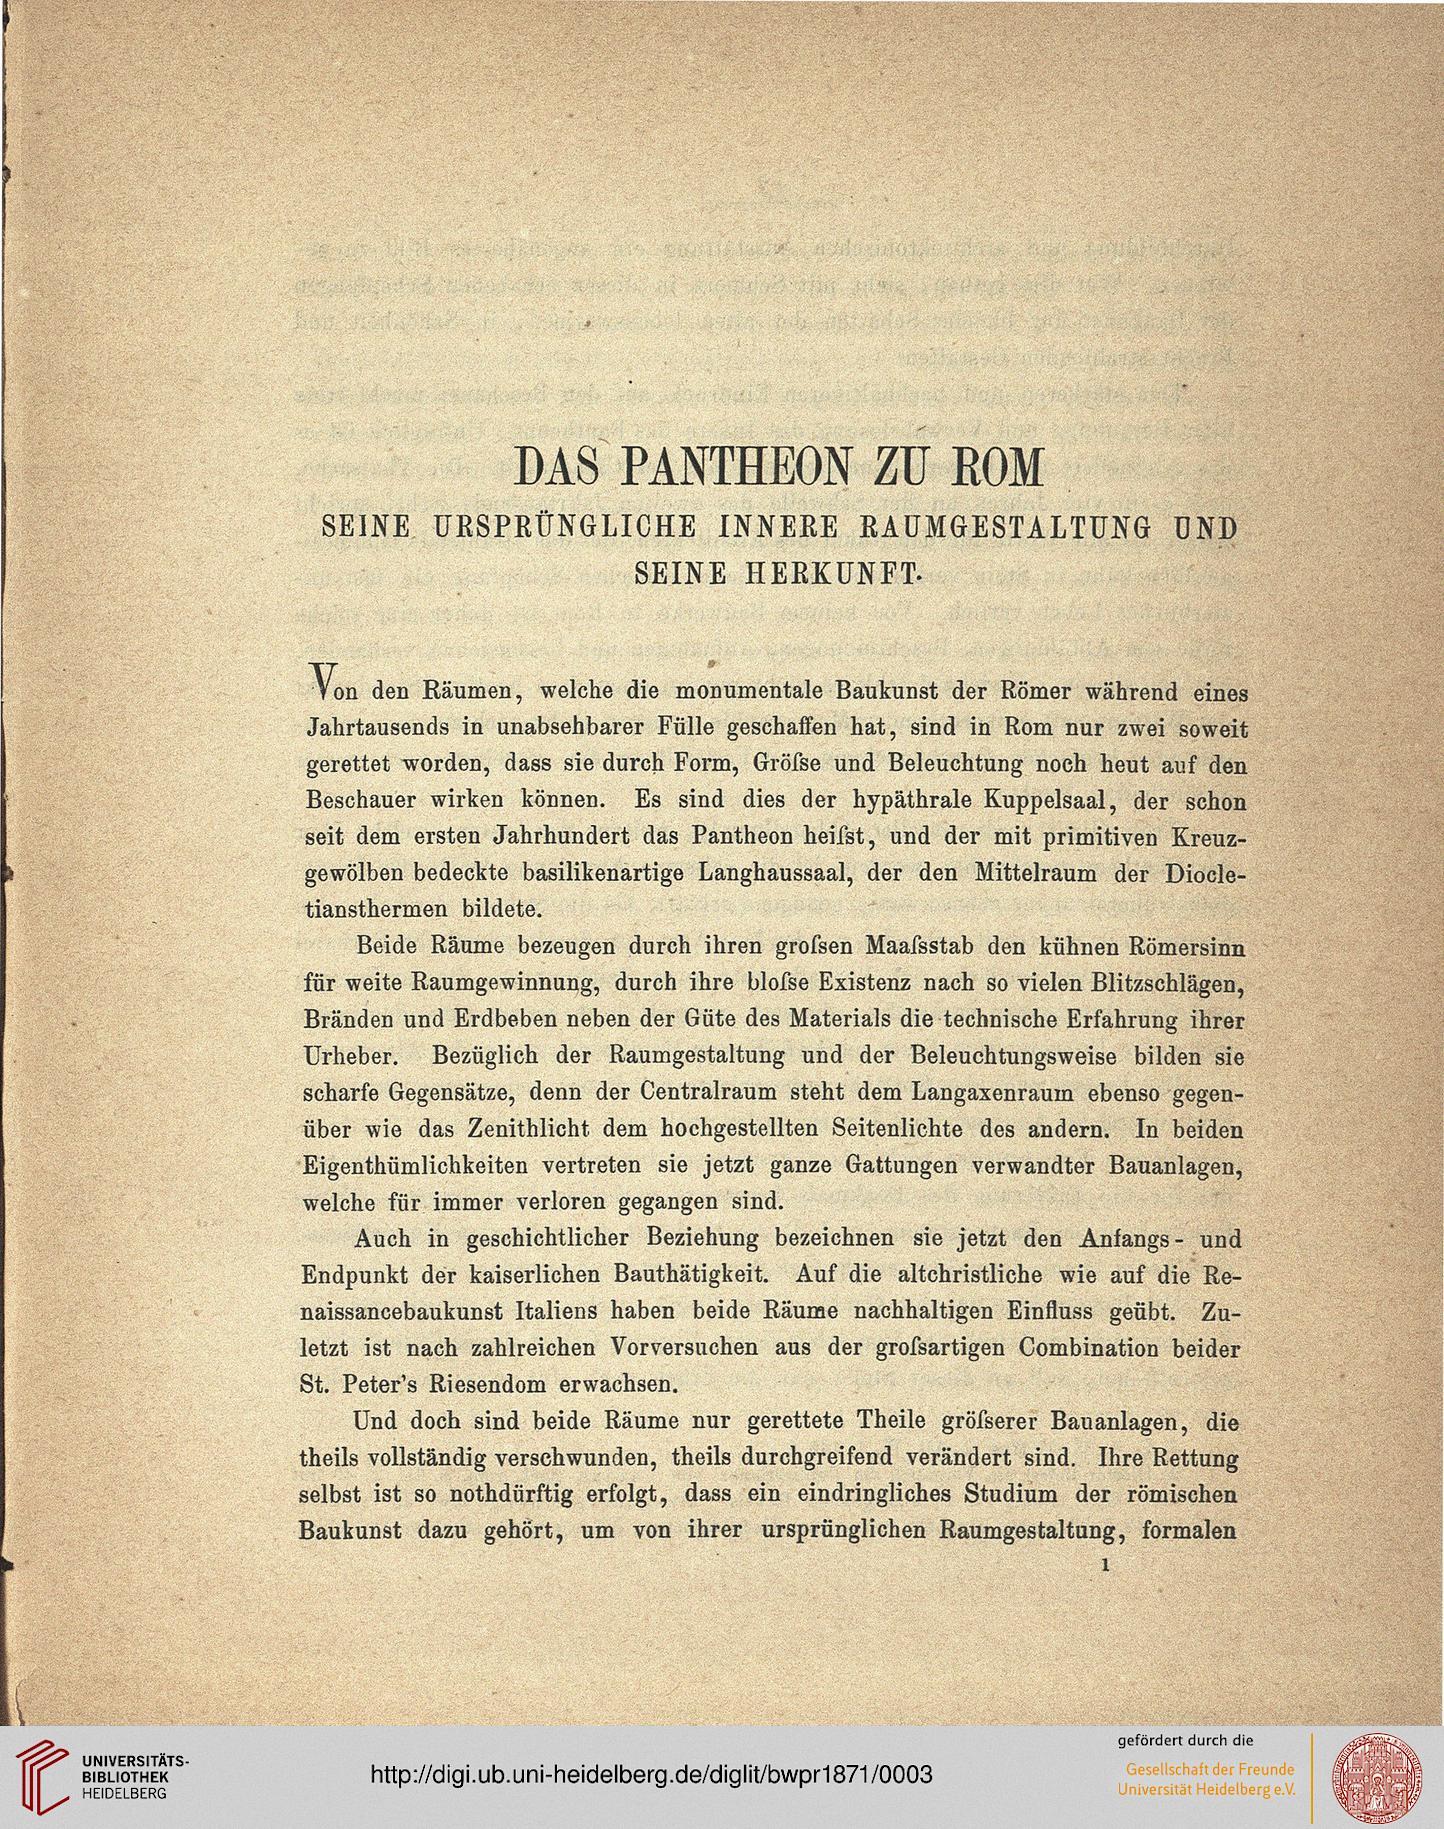 Raumgestaltung studium  Adler, Friedrich: Programm zum Winckelmannsfeste der ...